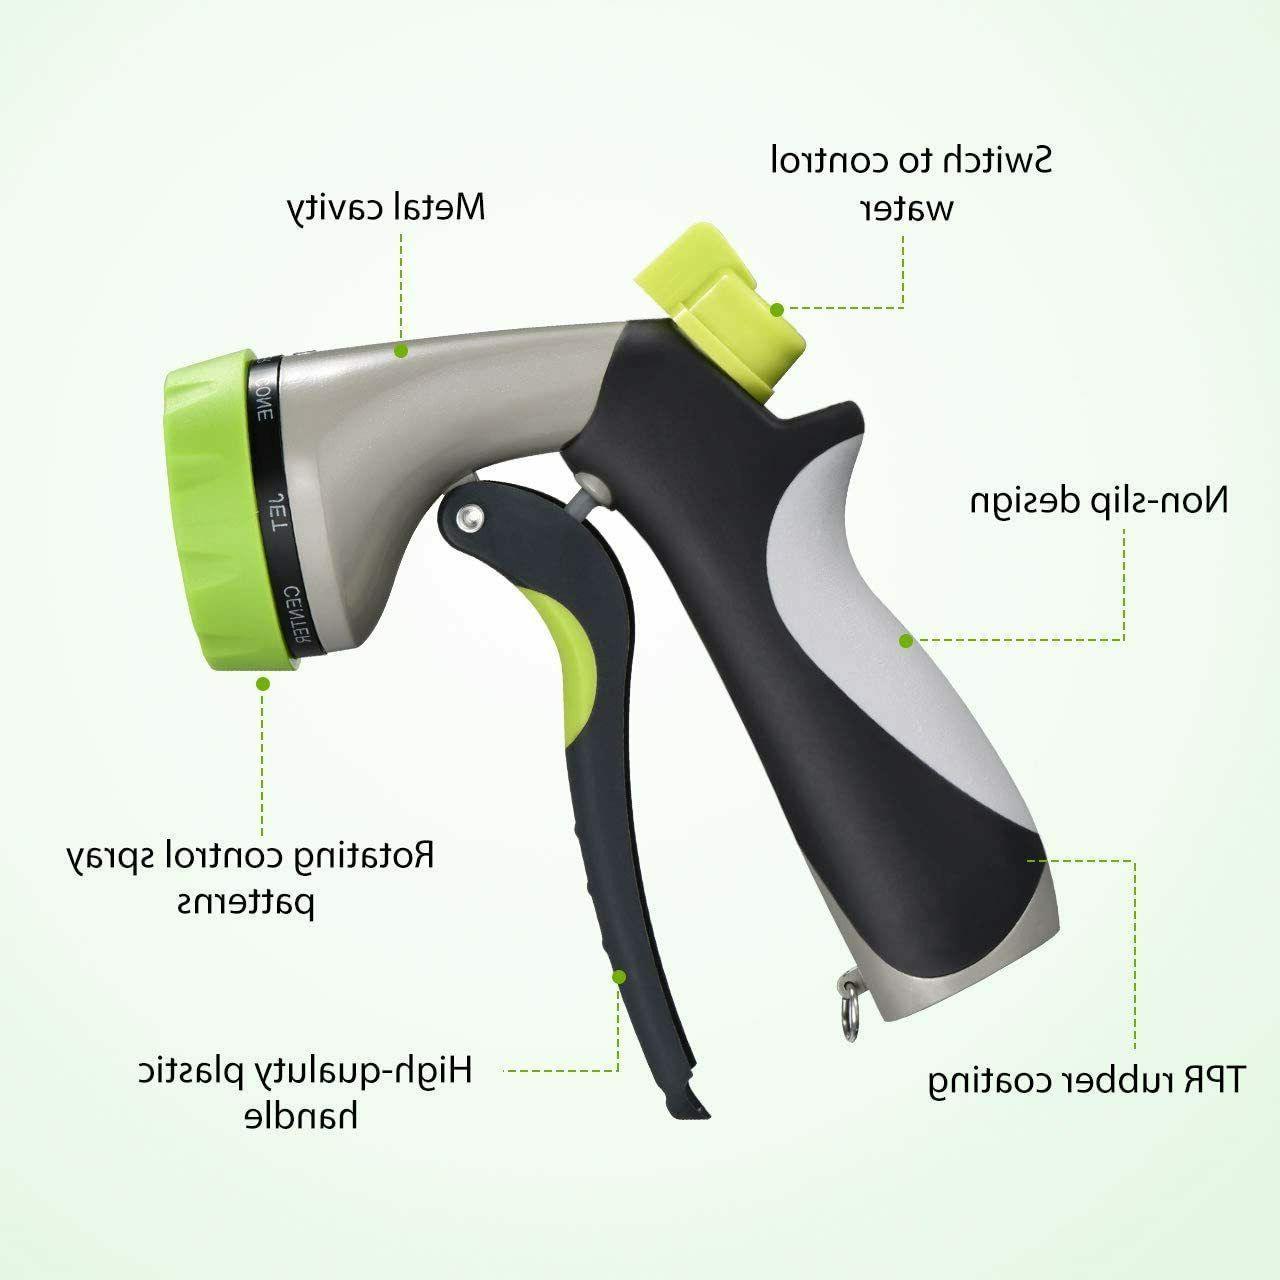 Spray Nozzle for Spayer, Trigger Press Hose